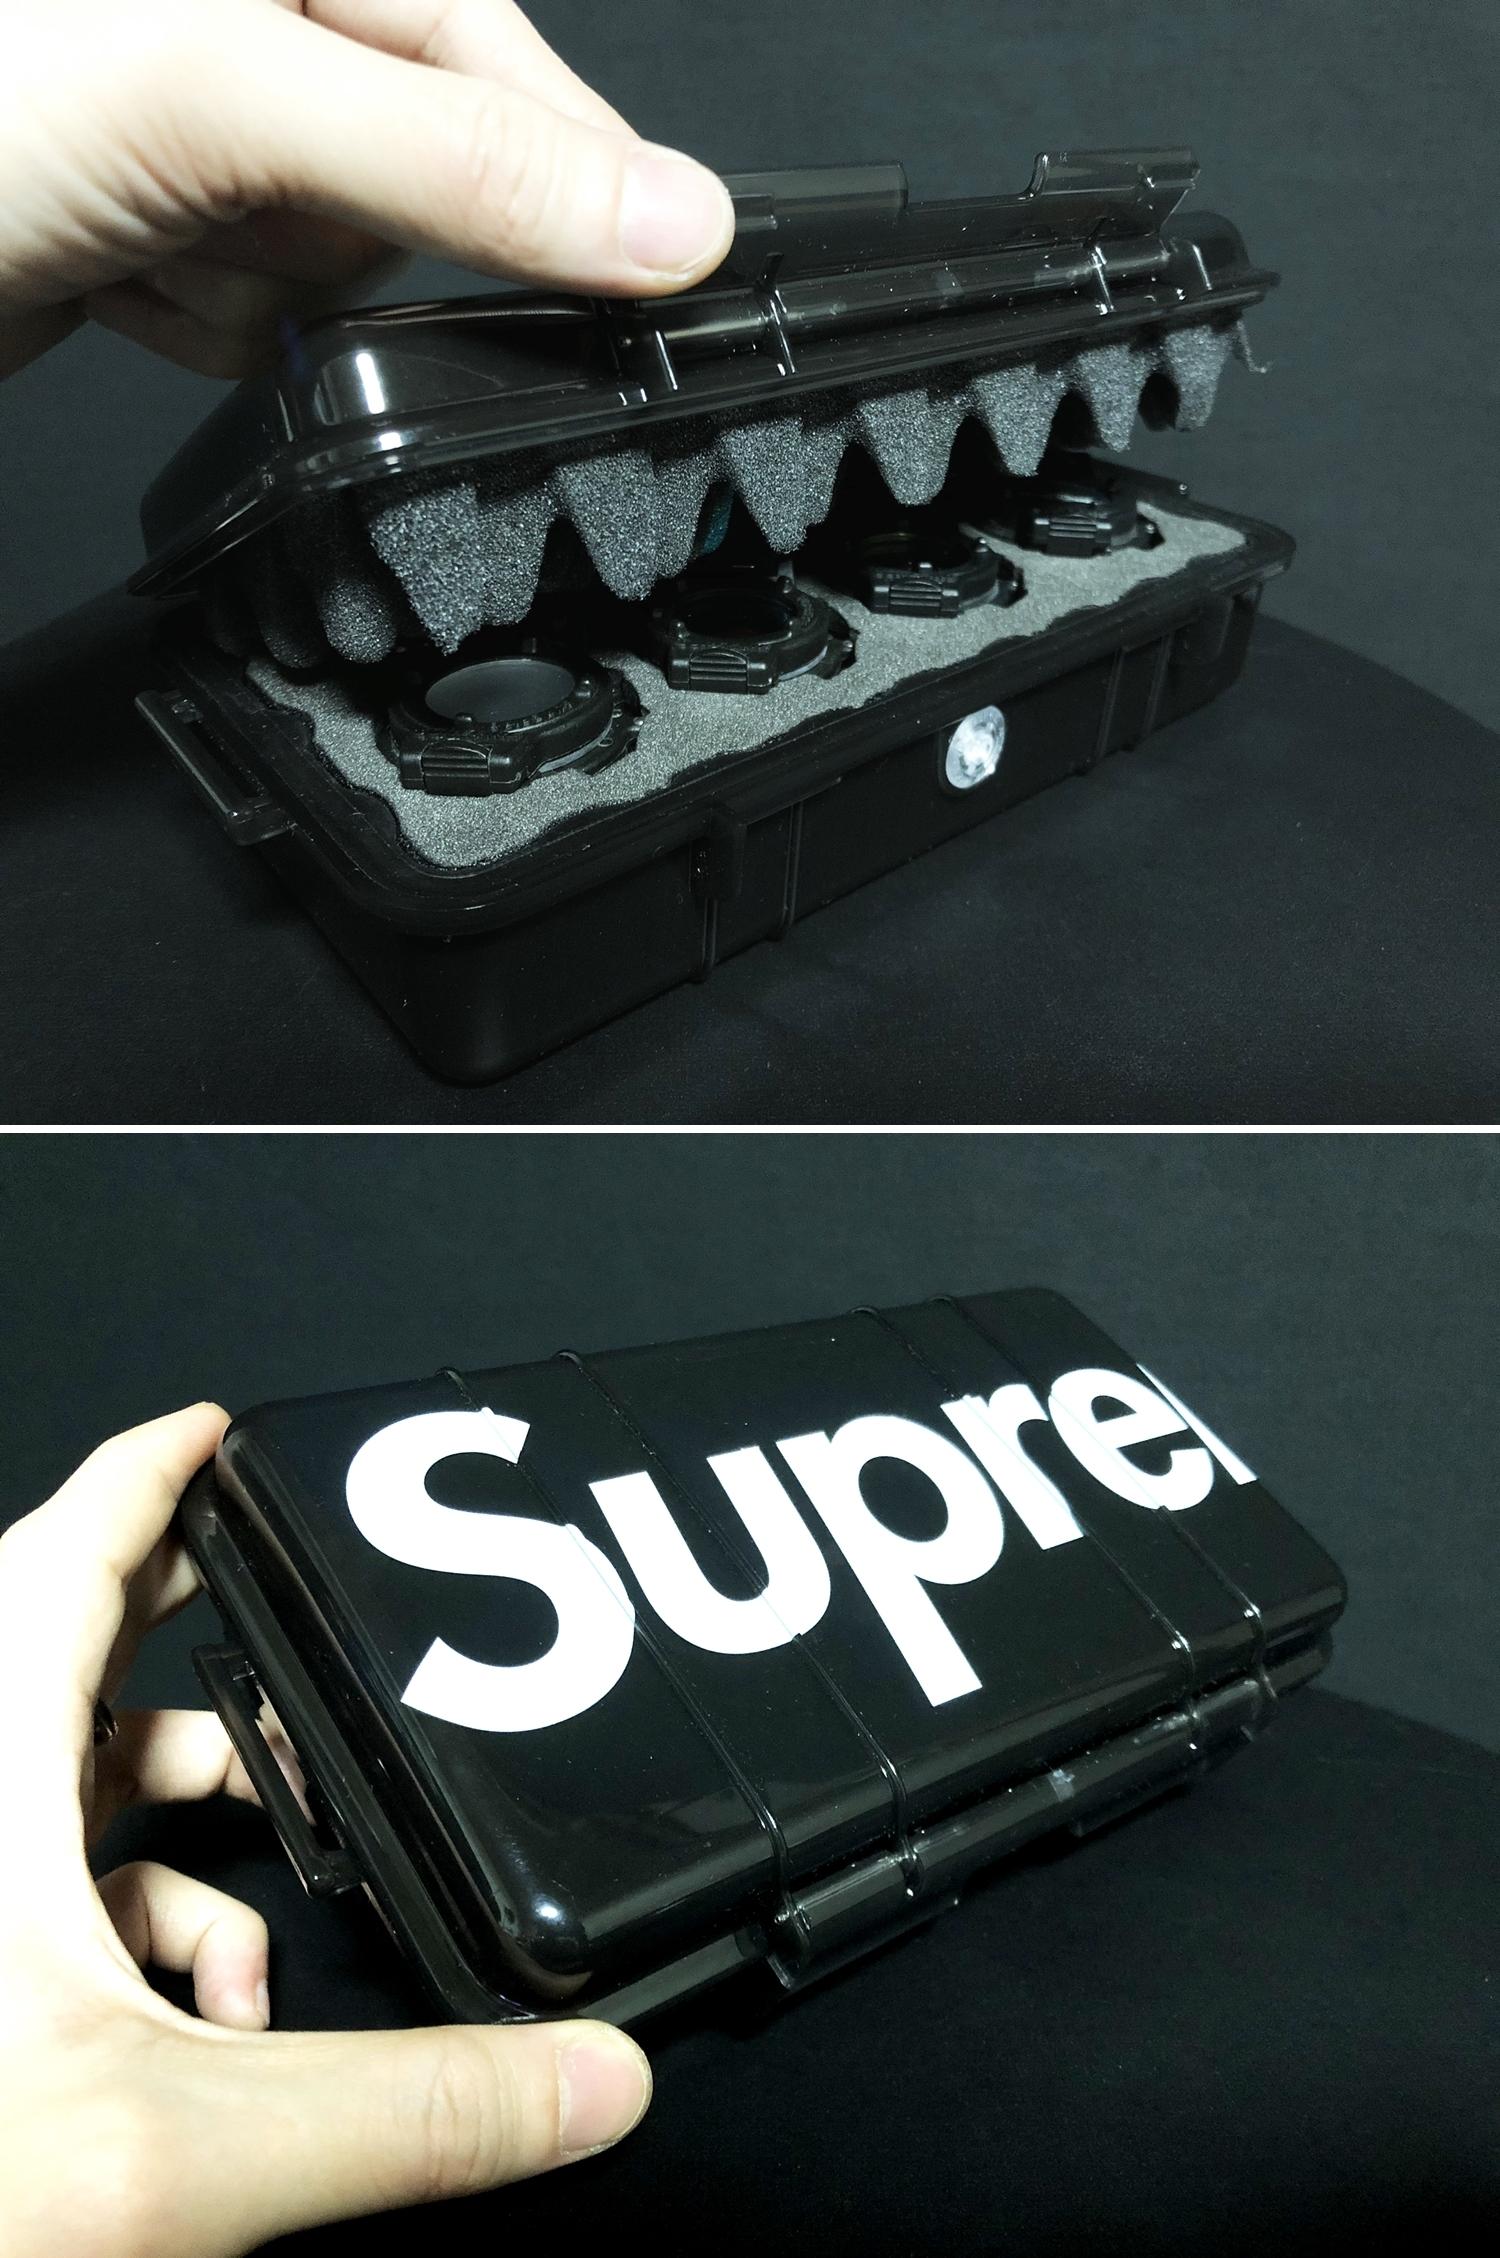 22 SUPREME × PELICAN 1060 CASE URETHANE FOAM DIY PROJECT CUSTOM シュアファイア シュプリーム ペリカン ハードケース ウレタンフォーム カスタム